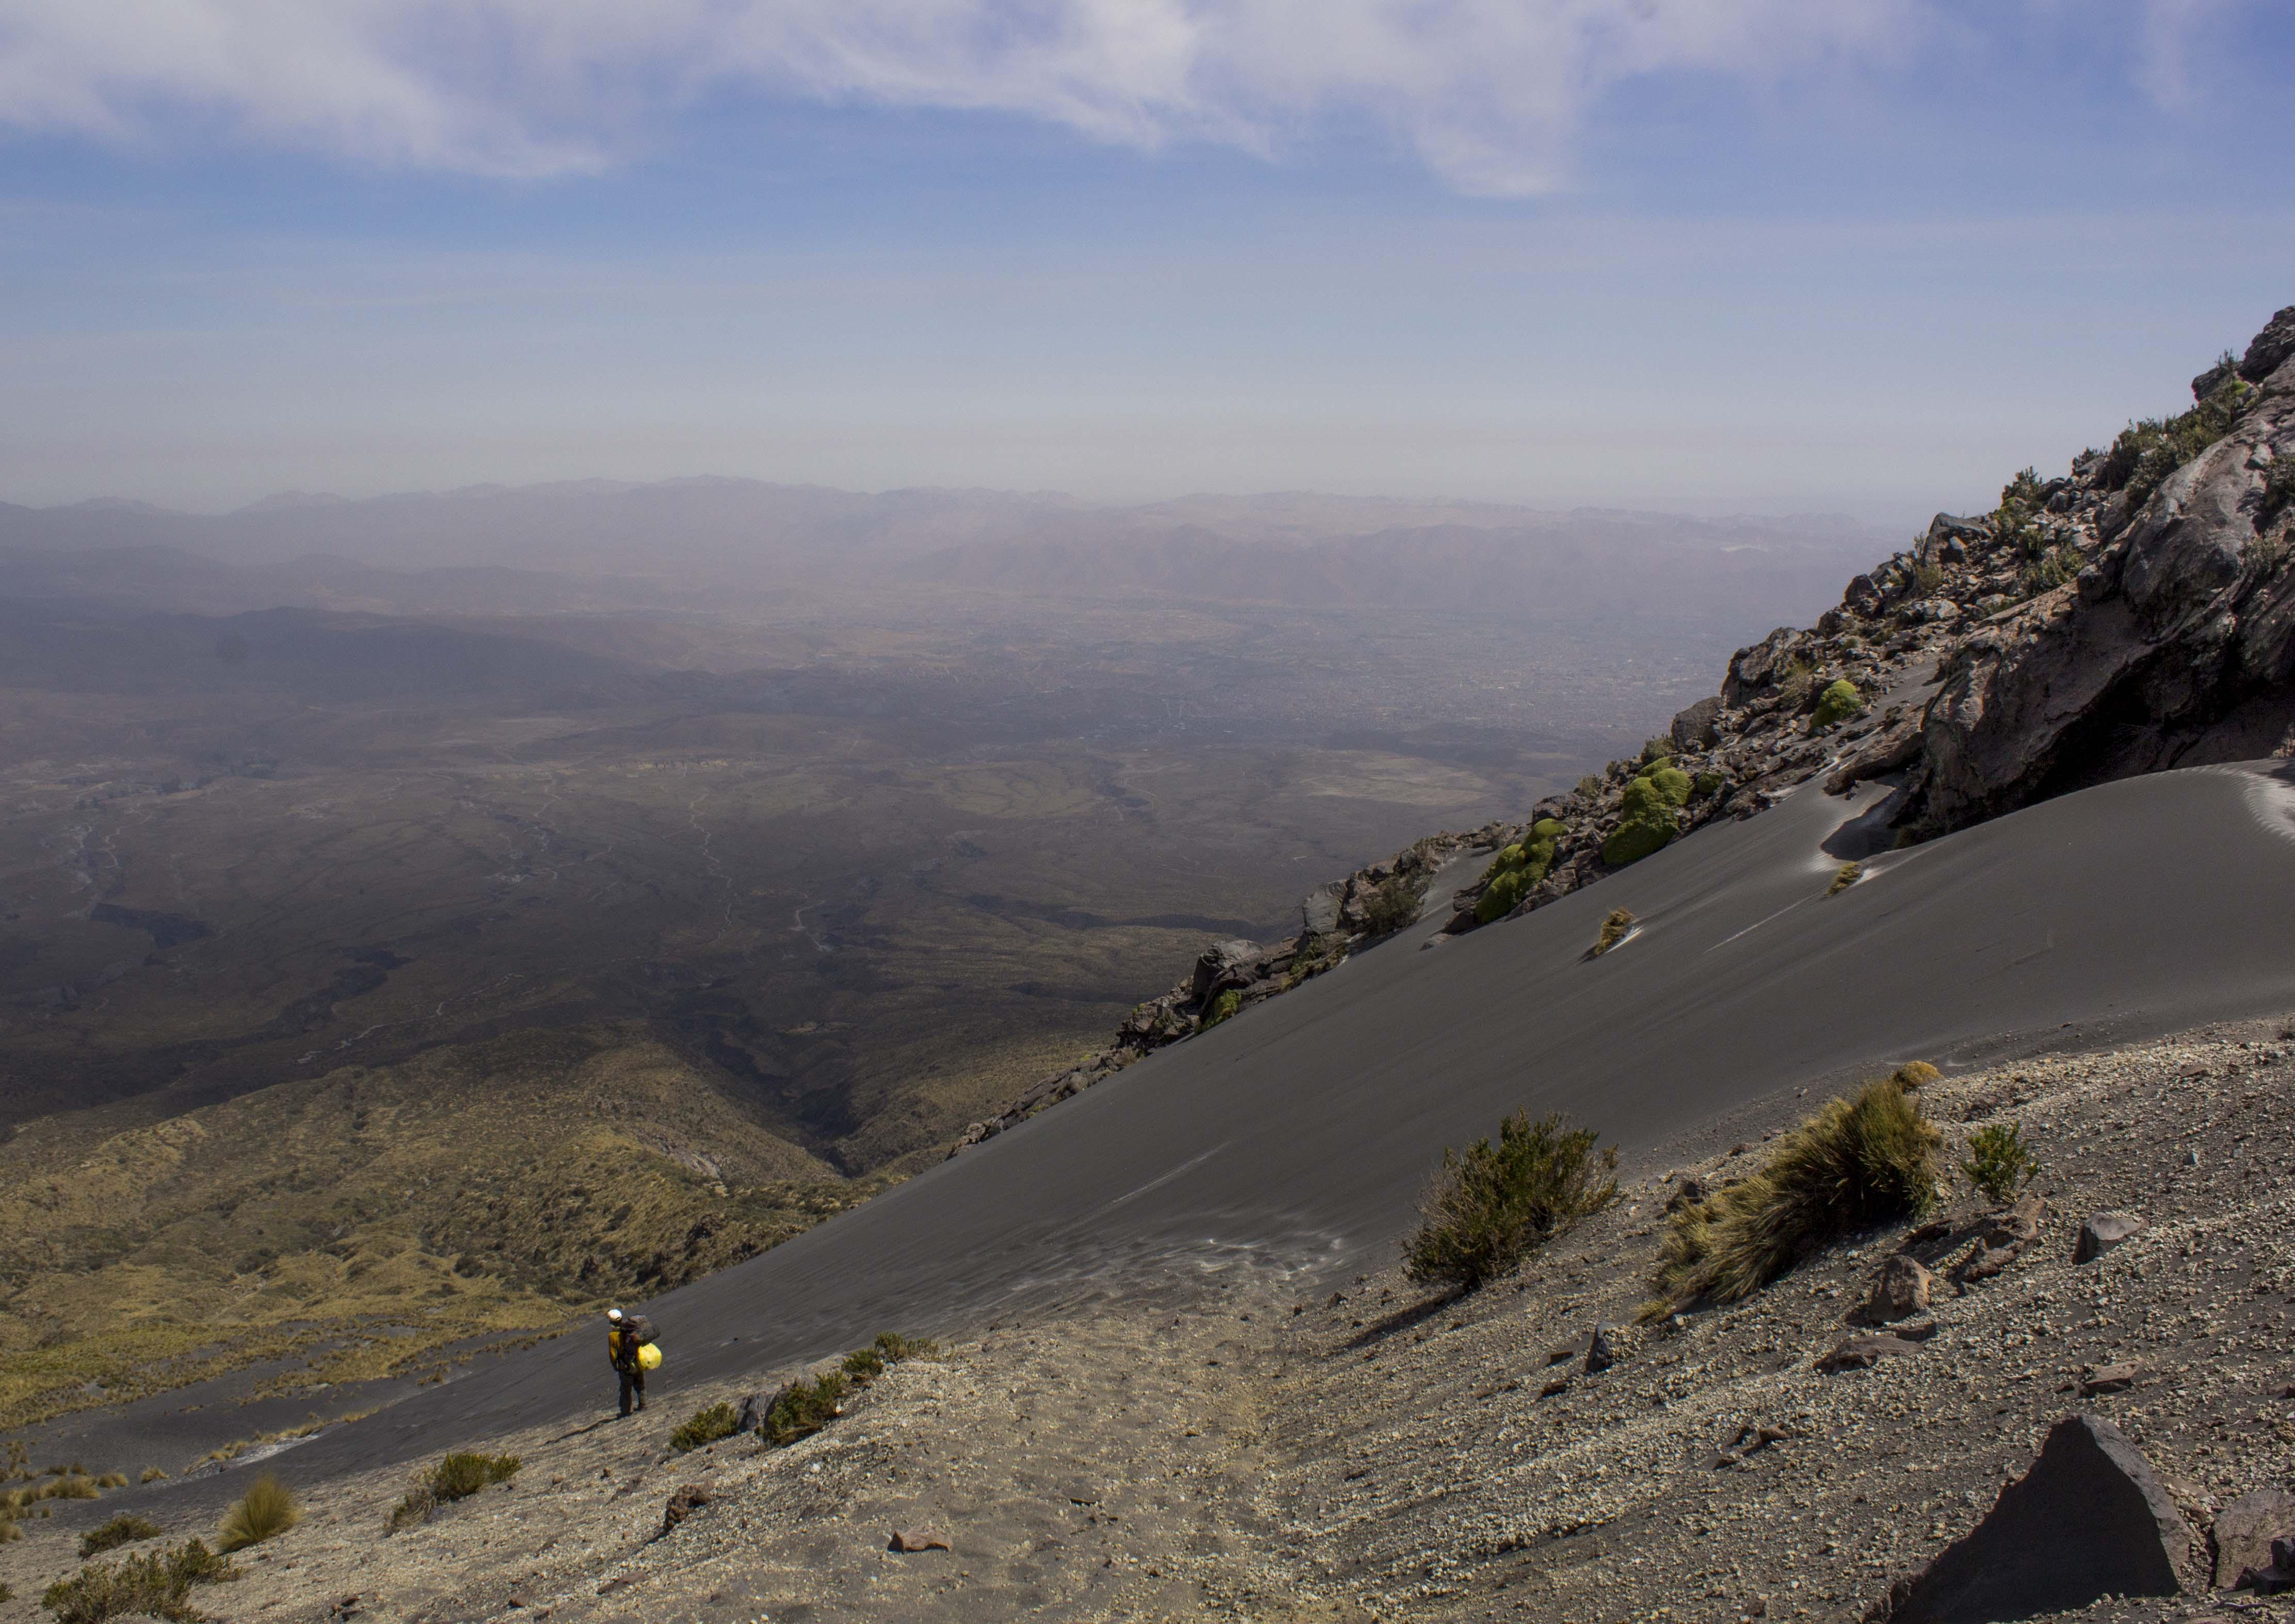 Descending Misti Volcano in Arequipa, Peru